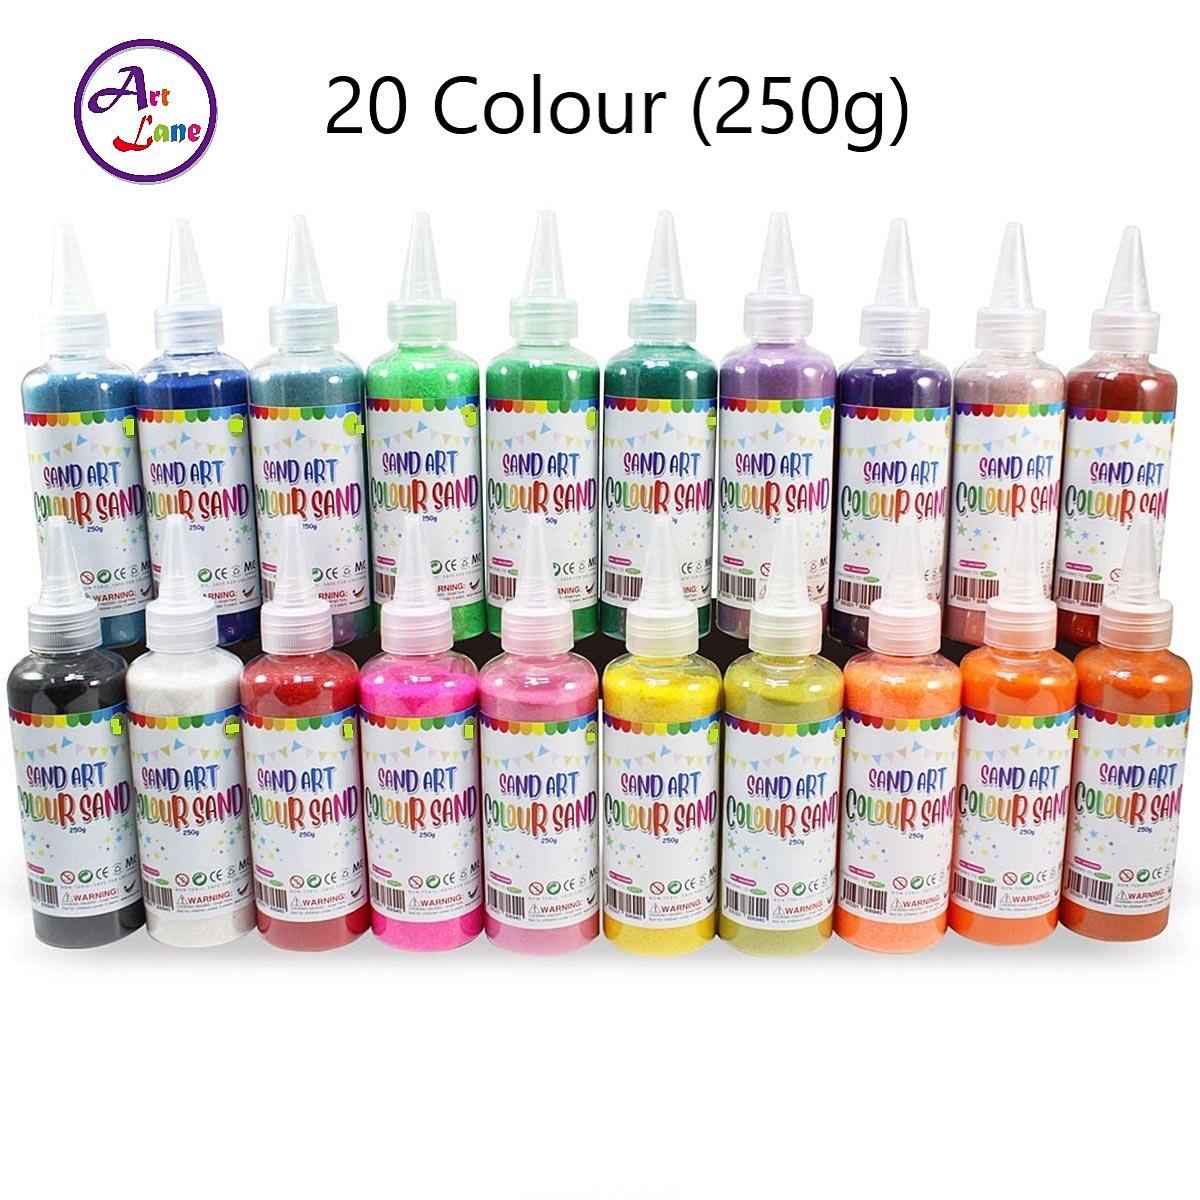 20 color (250g)